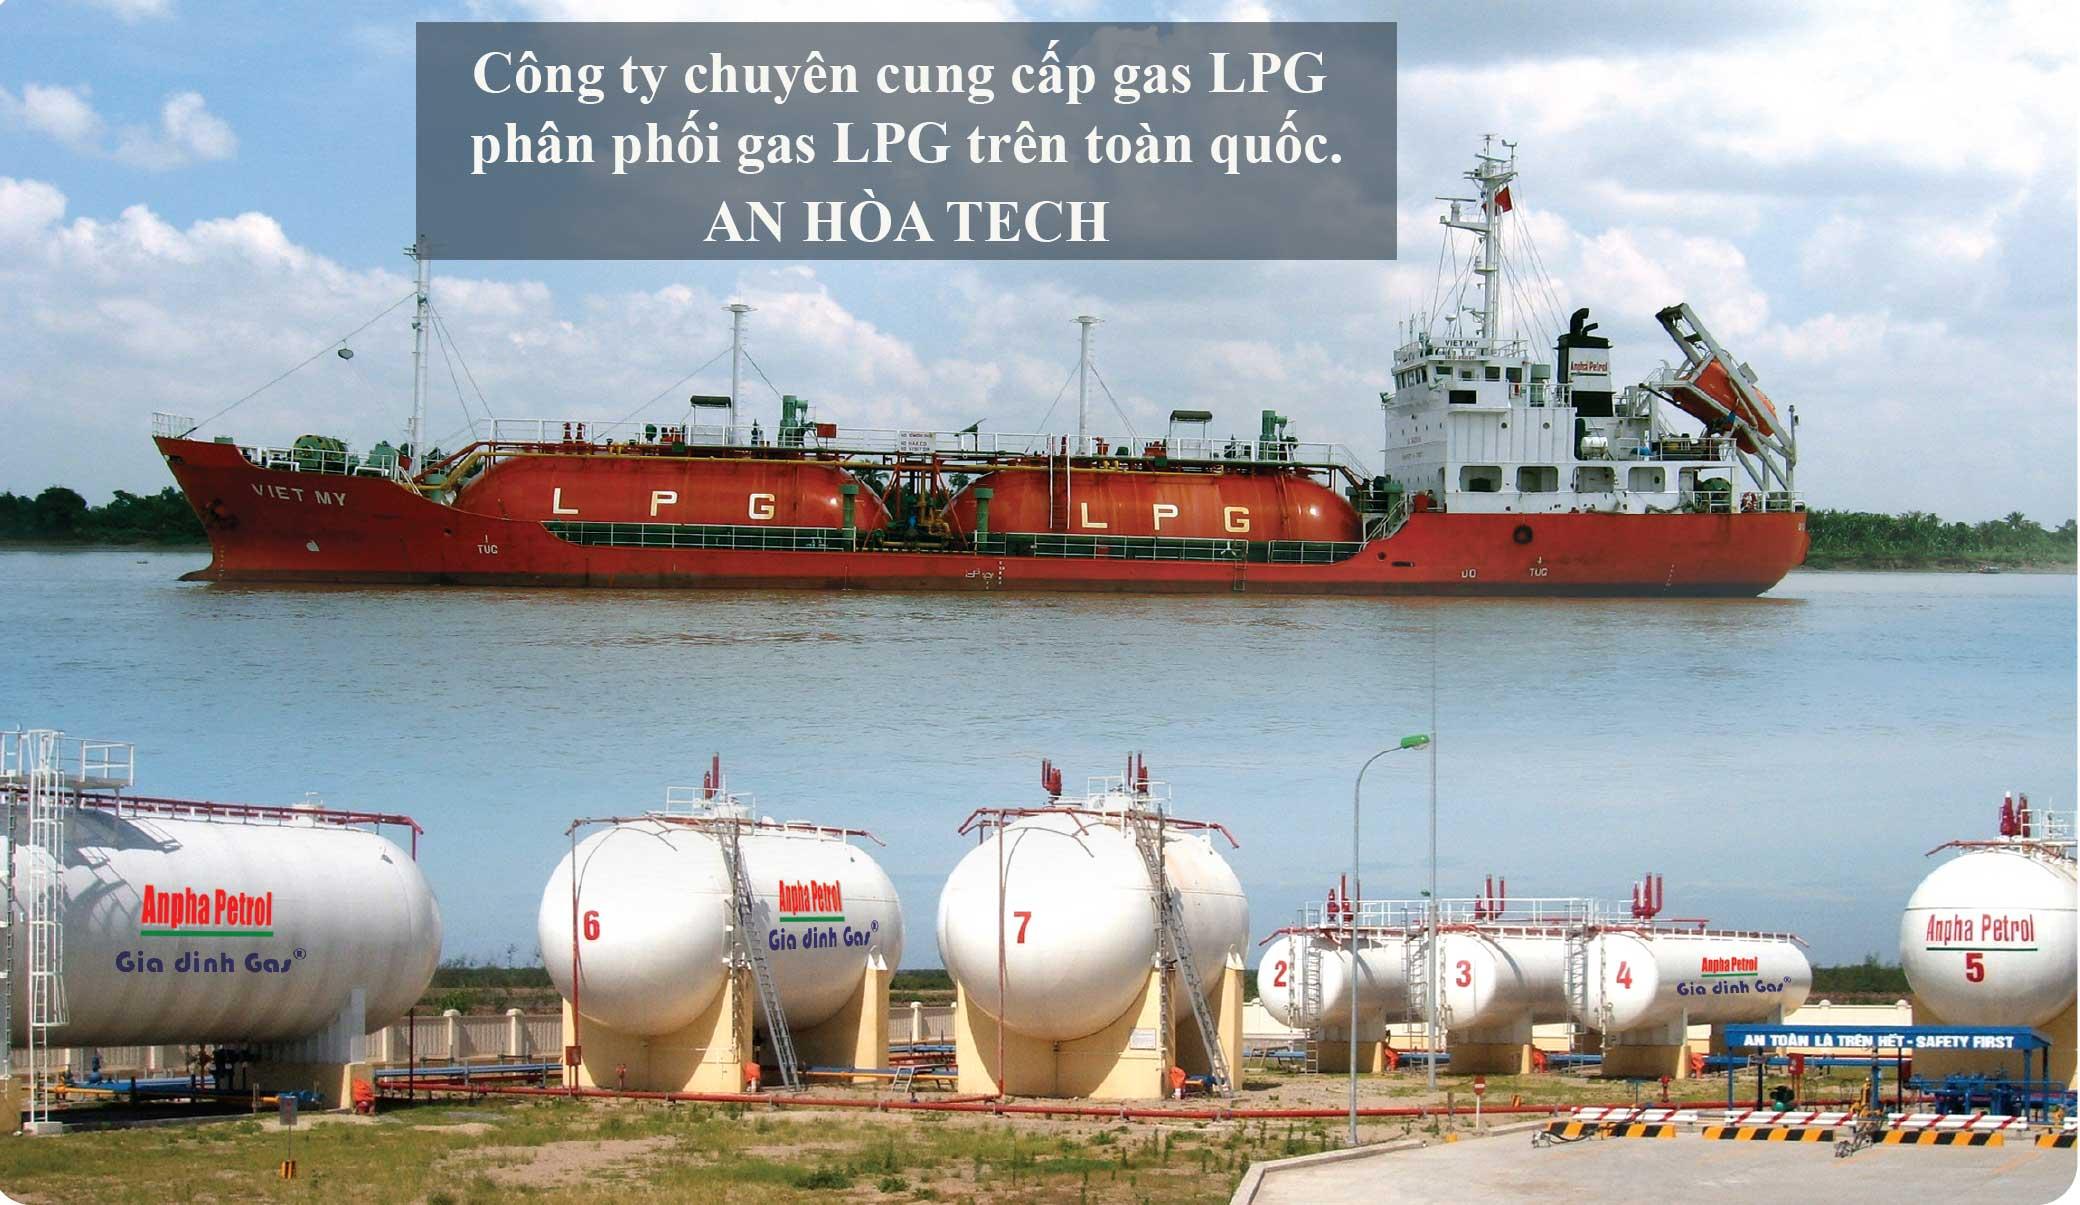 Công ty chuyên cung cấp gas LPG nguồn, phân phối gas LPG trên toàn quốc